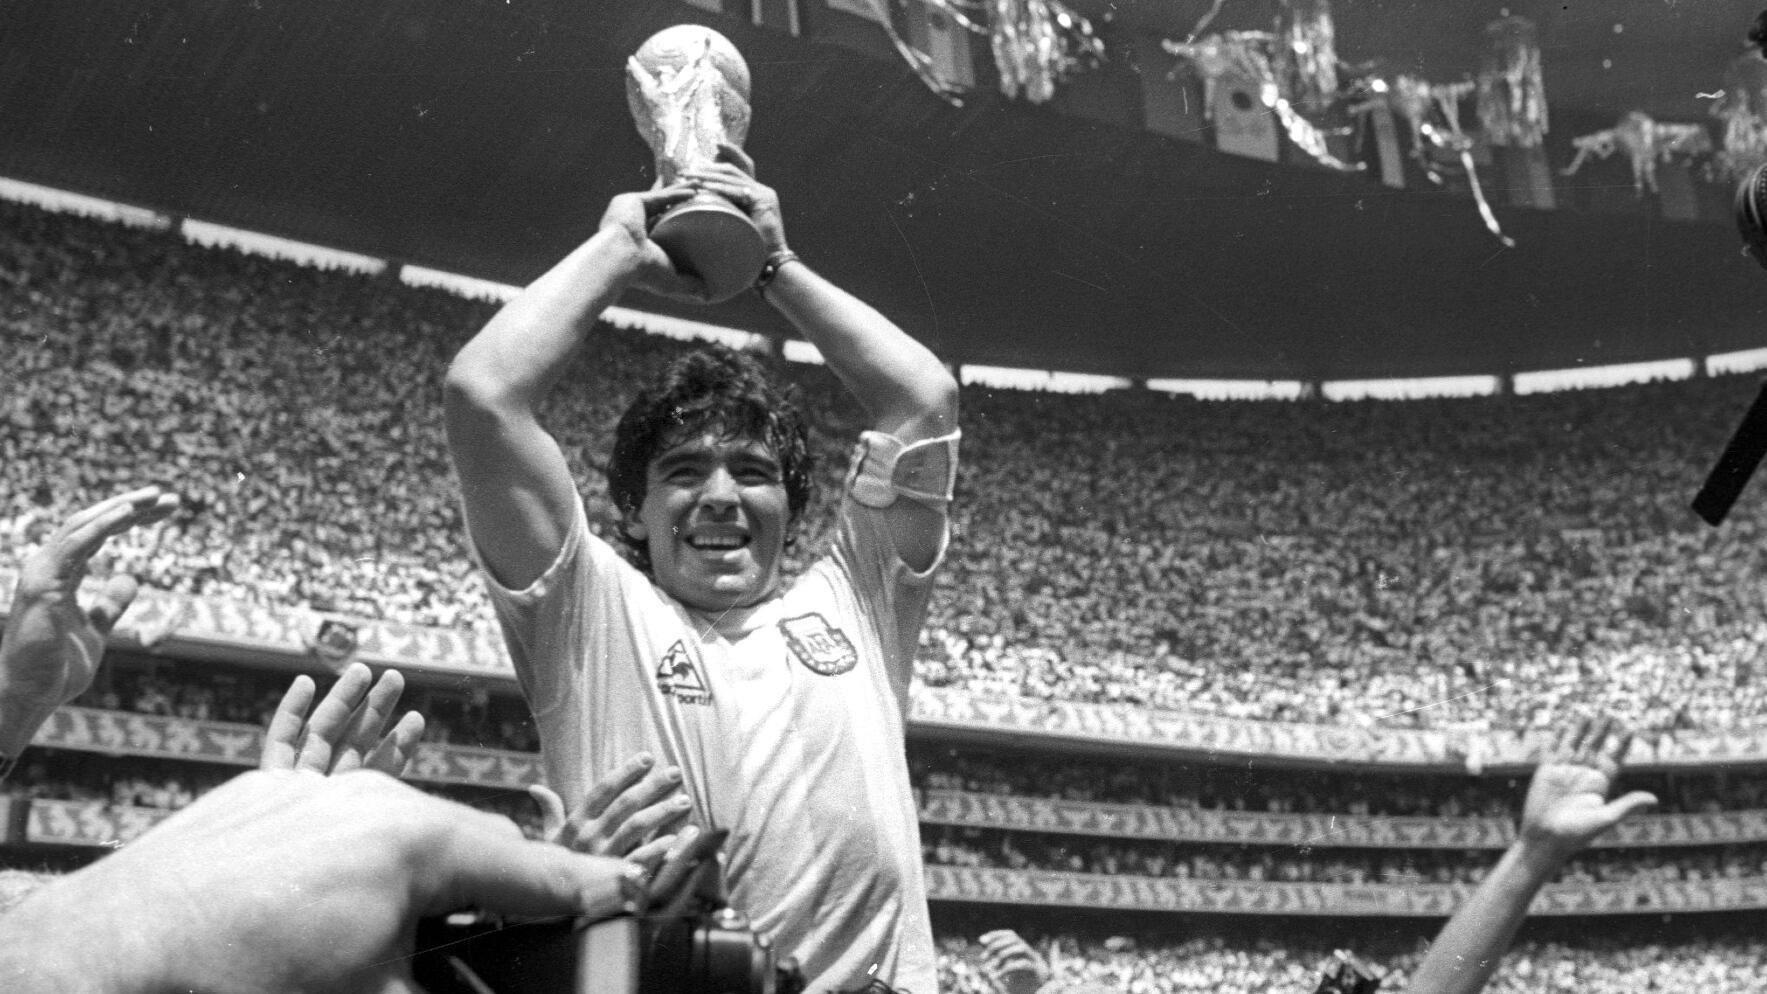 Diego Armando Maradona levanta la Copa del Mundo tras la victoria de Argentina ante Alemania Occidental en la final del Mundial de México 1986, en el estadio Azteca de Ciudad de México, el 29 de junio de 1986.